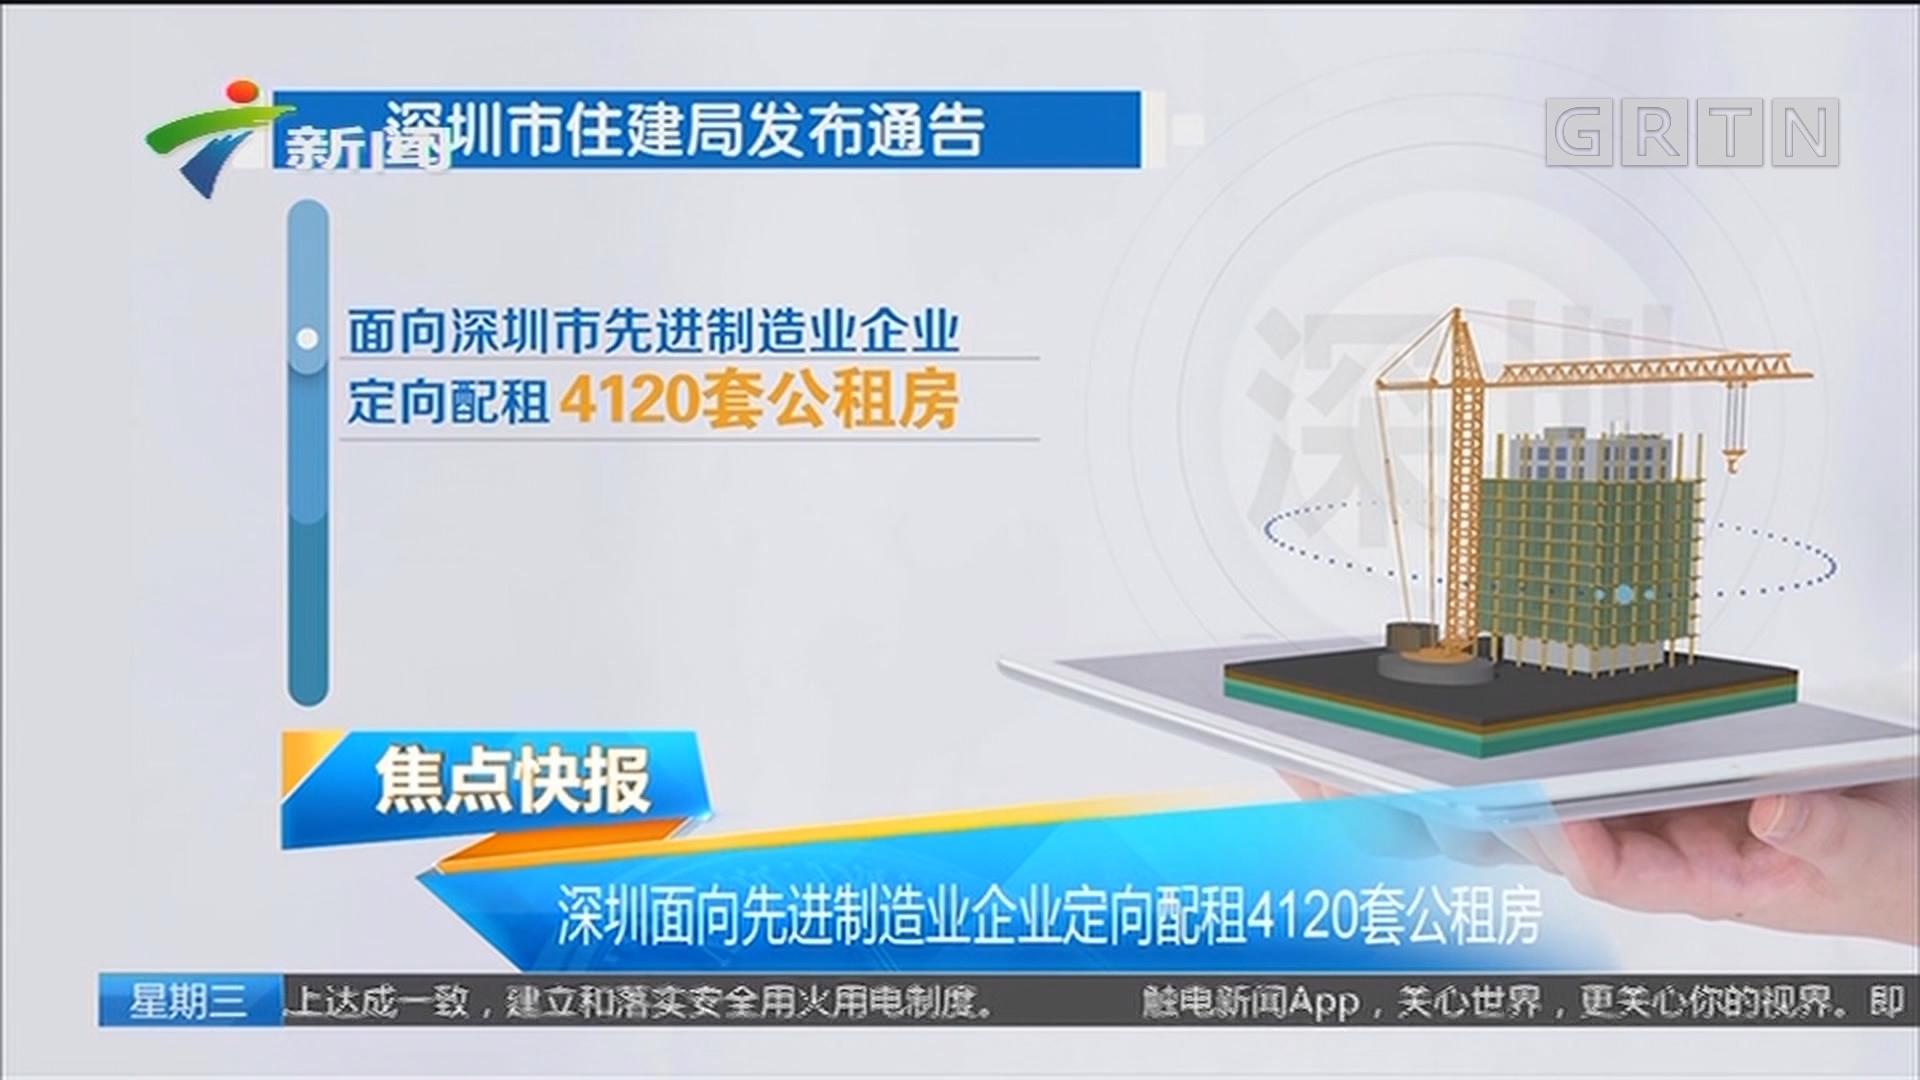 深圳面向先进制造业企业定向配租4120套公租房